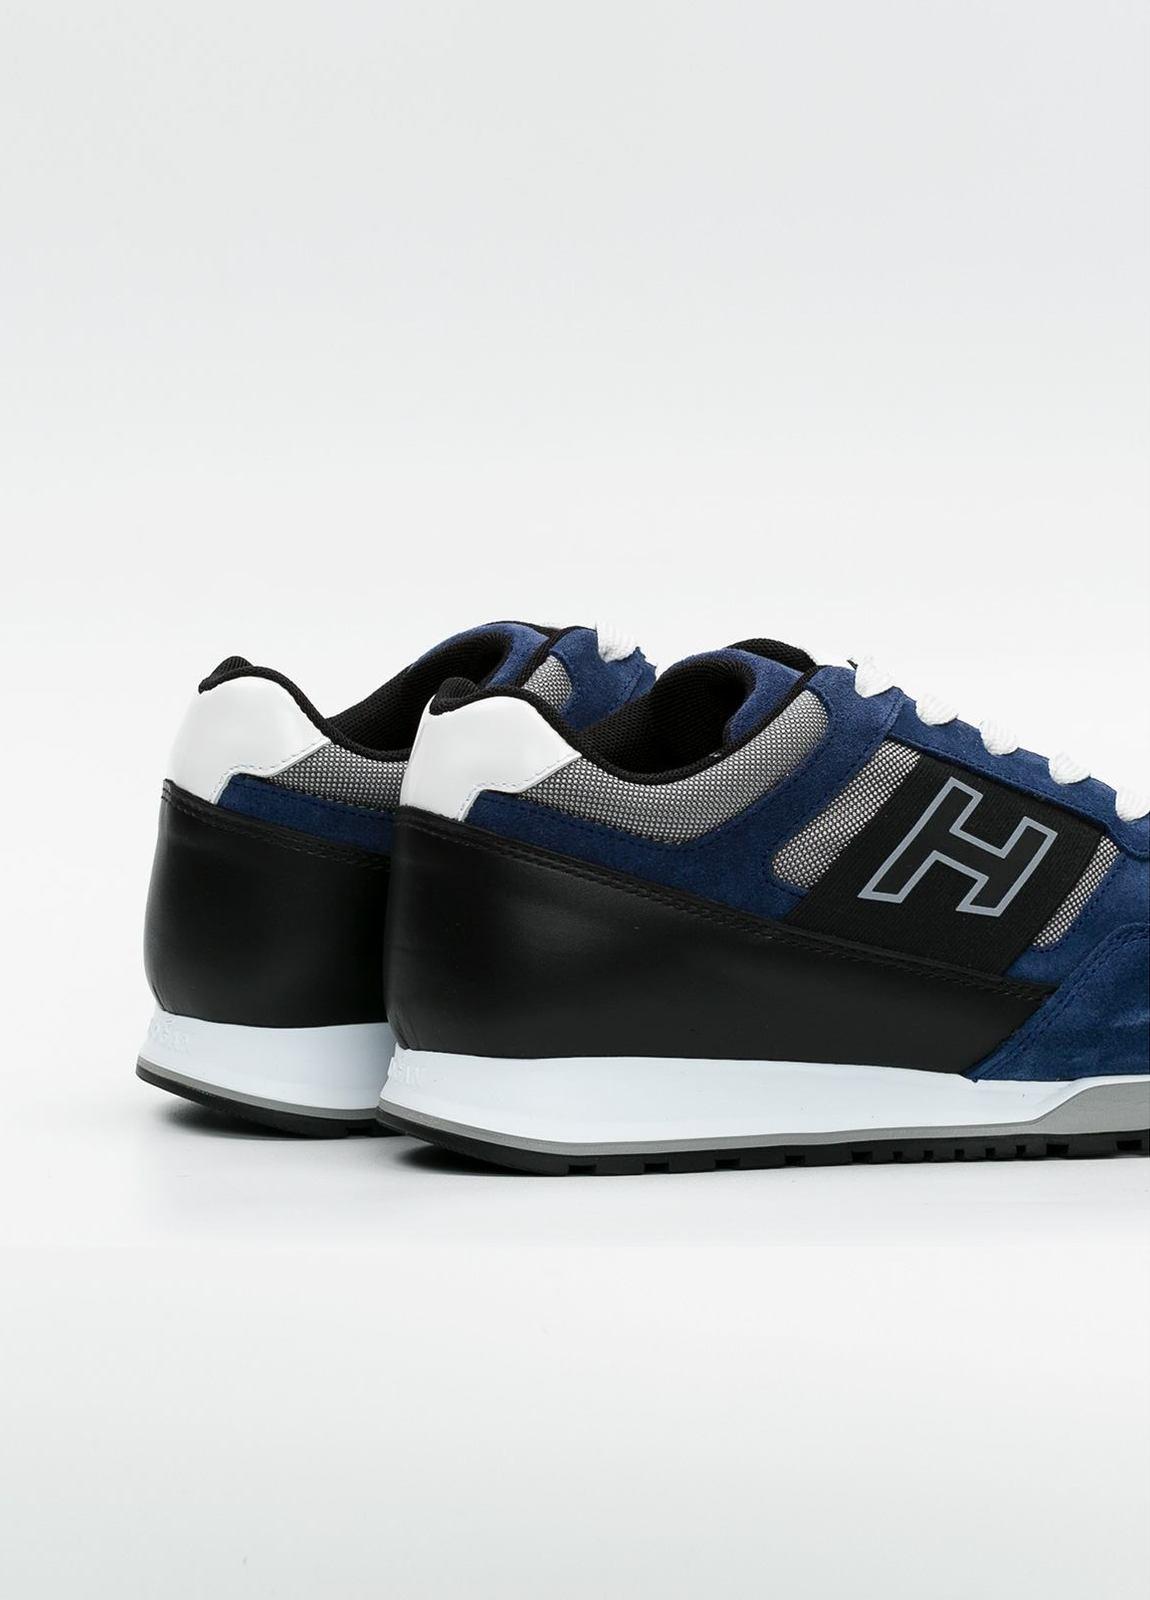 Calzado sport OLYMPIA color azul, combinación de serraje, loneta y apliques en piel. - Ítem3